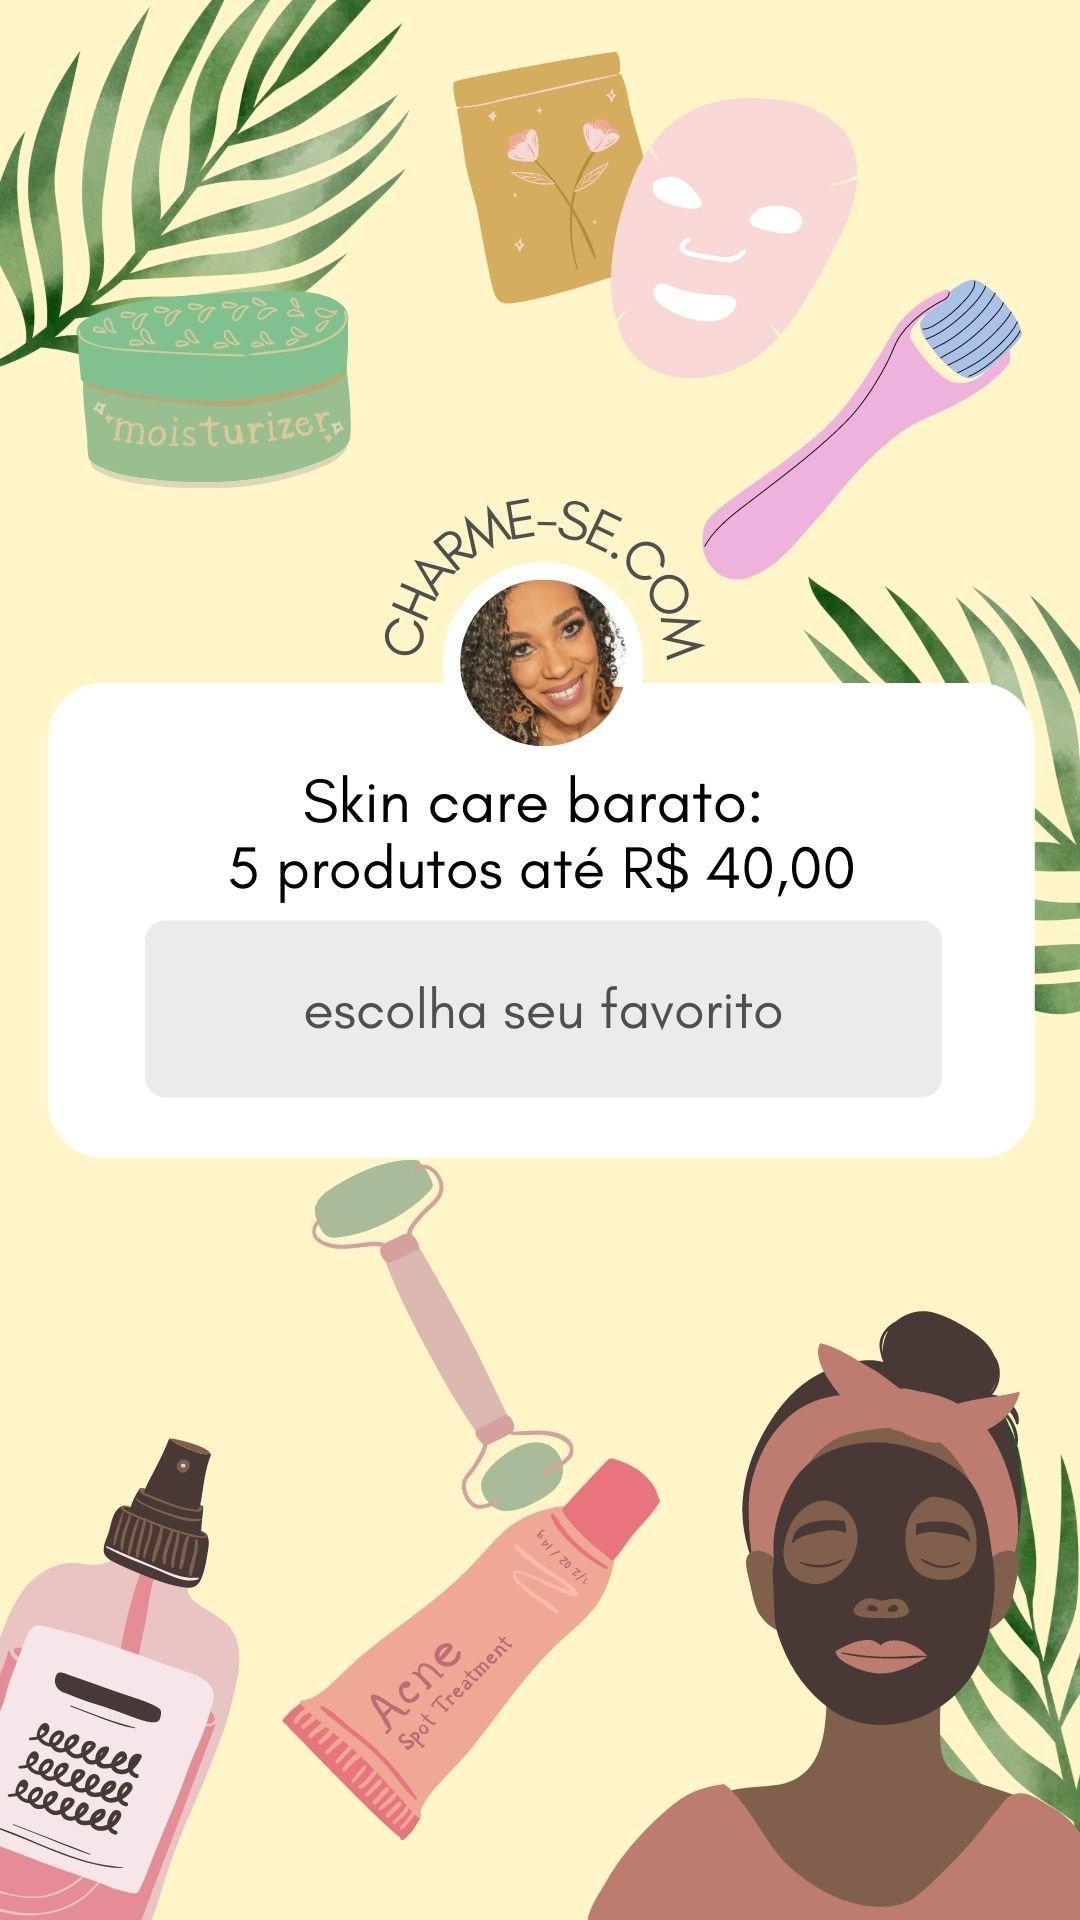 Skin care barato: 5 produtos até R$ 40,00